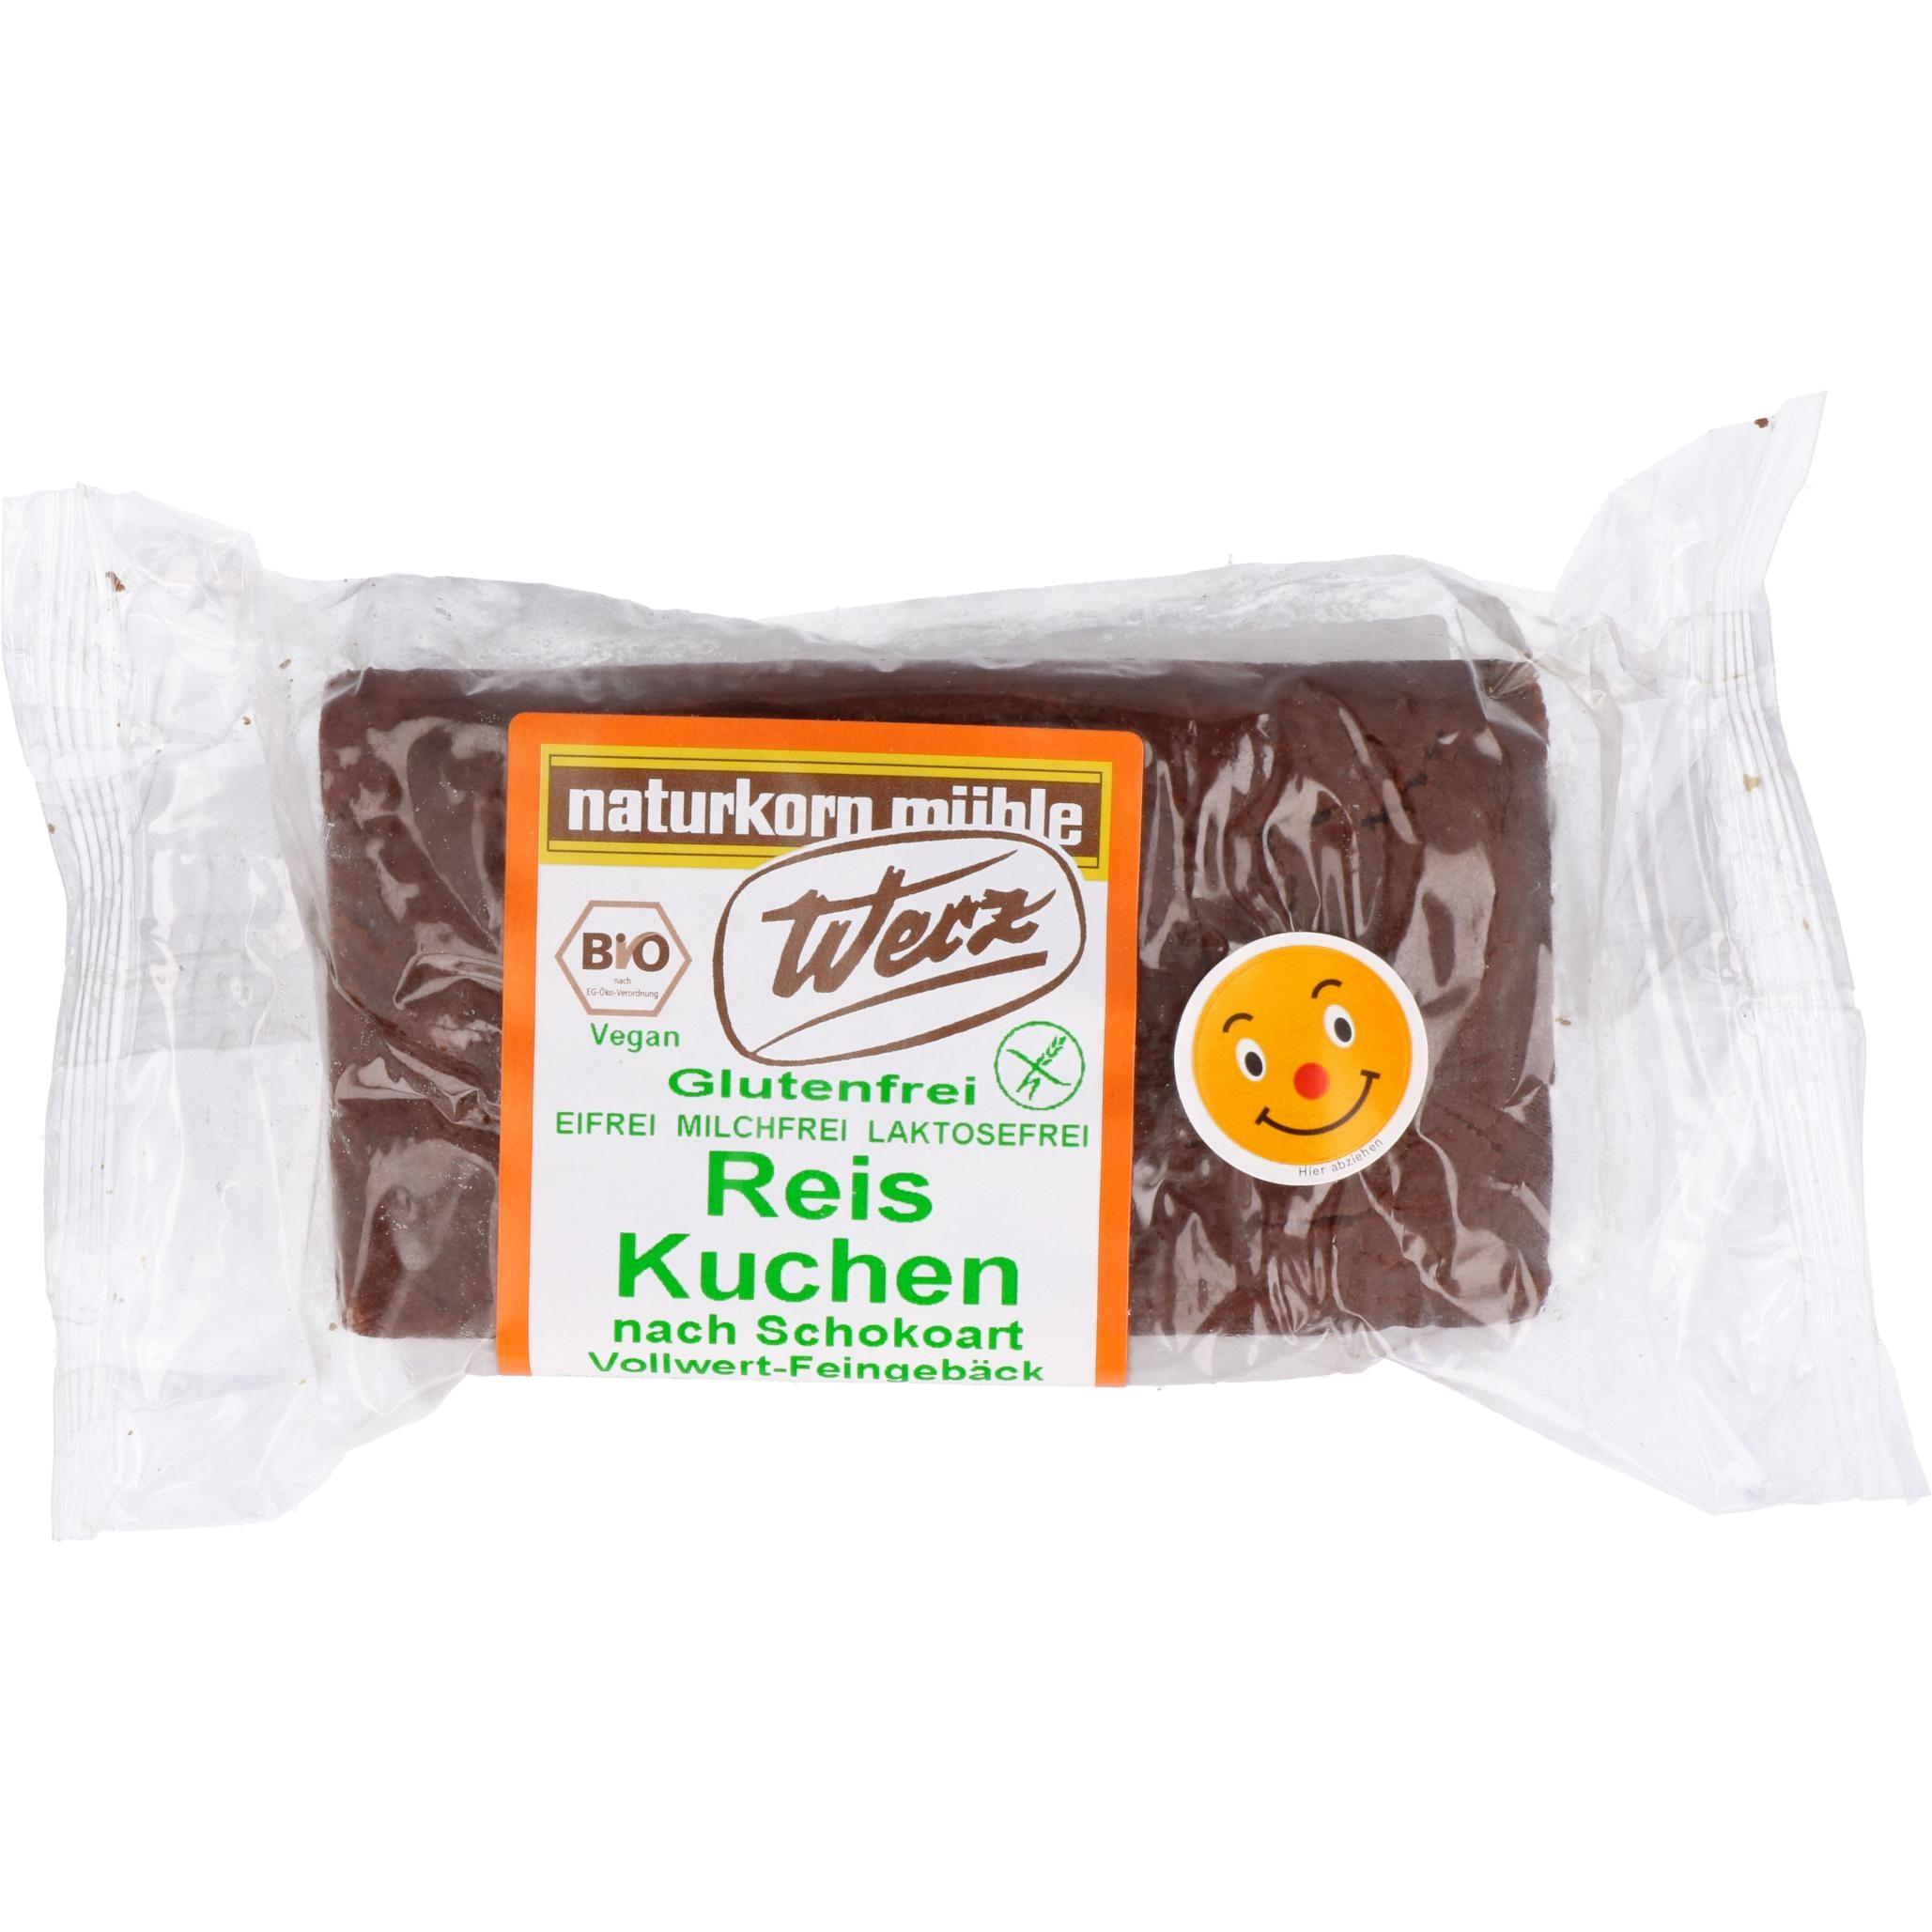 Werz Bio Reis Kuchen nach Schokoart 300g